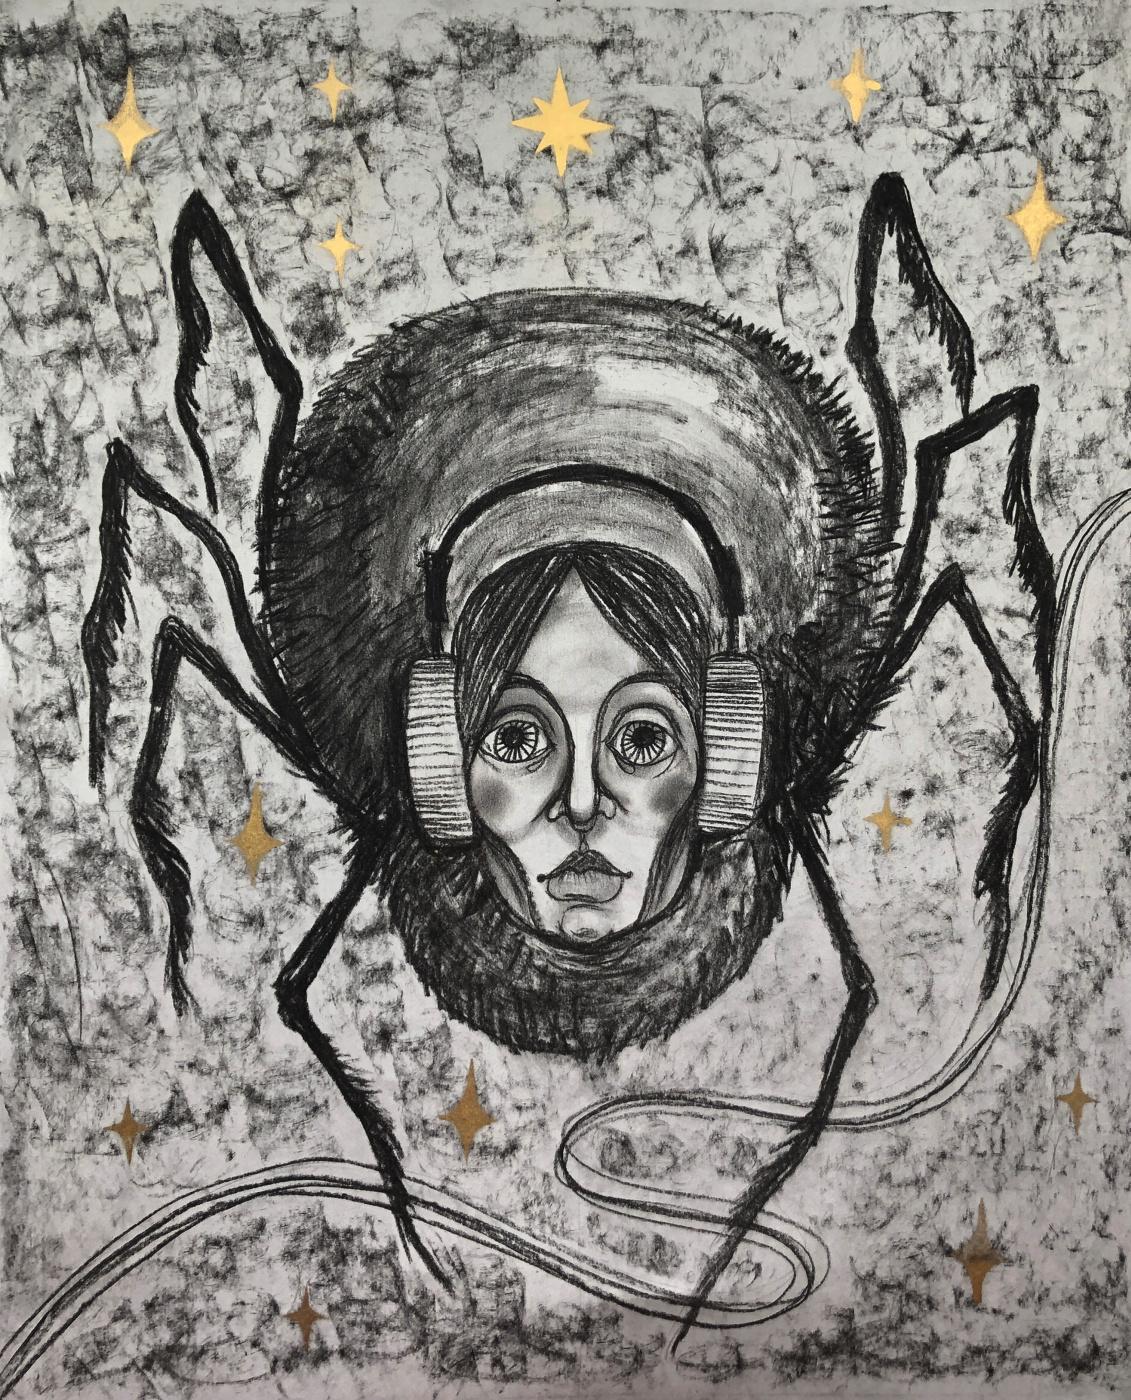 Valeria Tynyanaya. Spider